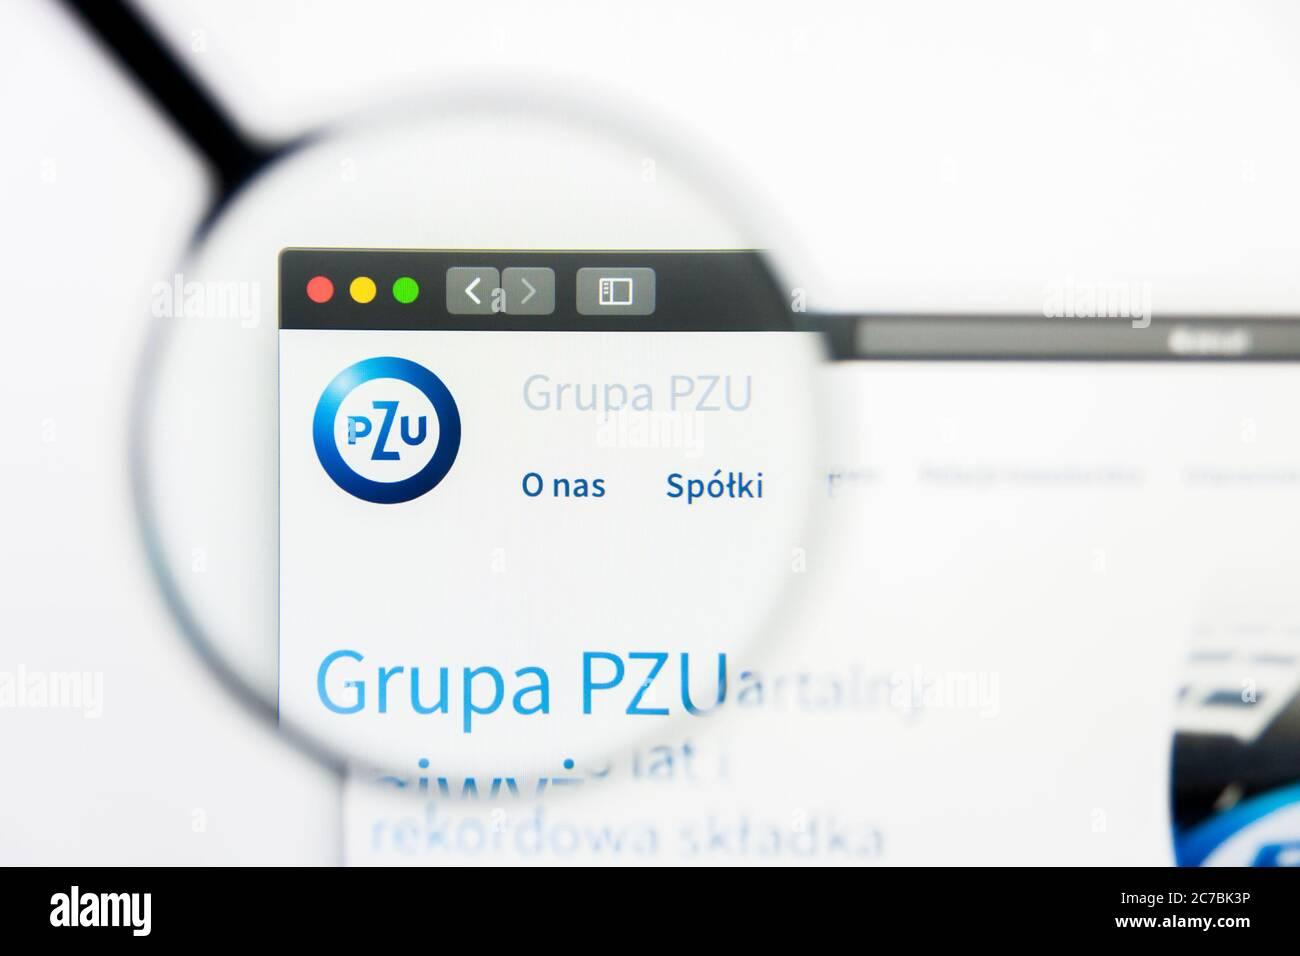 Los Angeles, Californie, Etats-Unis - 25 mars 2019 : éditorial illustratif de la page d'accueil du site Web de Grupa PZU. Logo Grupa PZU visible sur l'écran. Banque D'Images